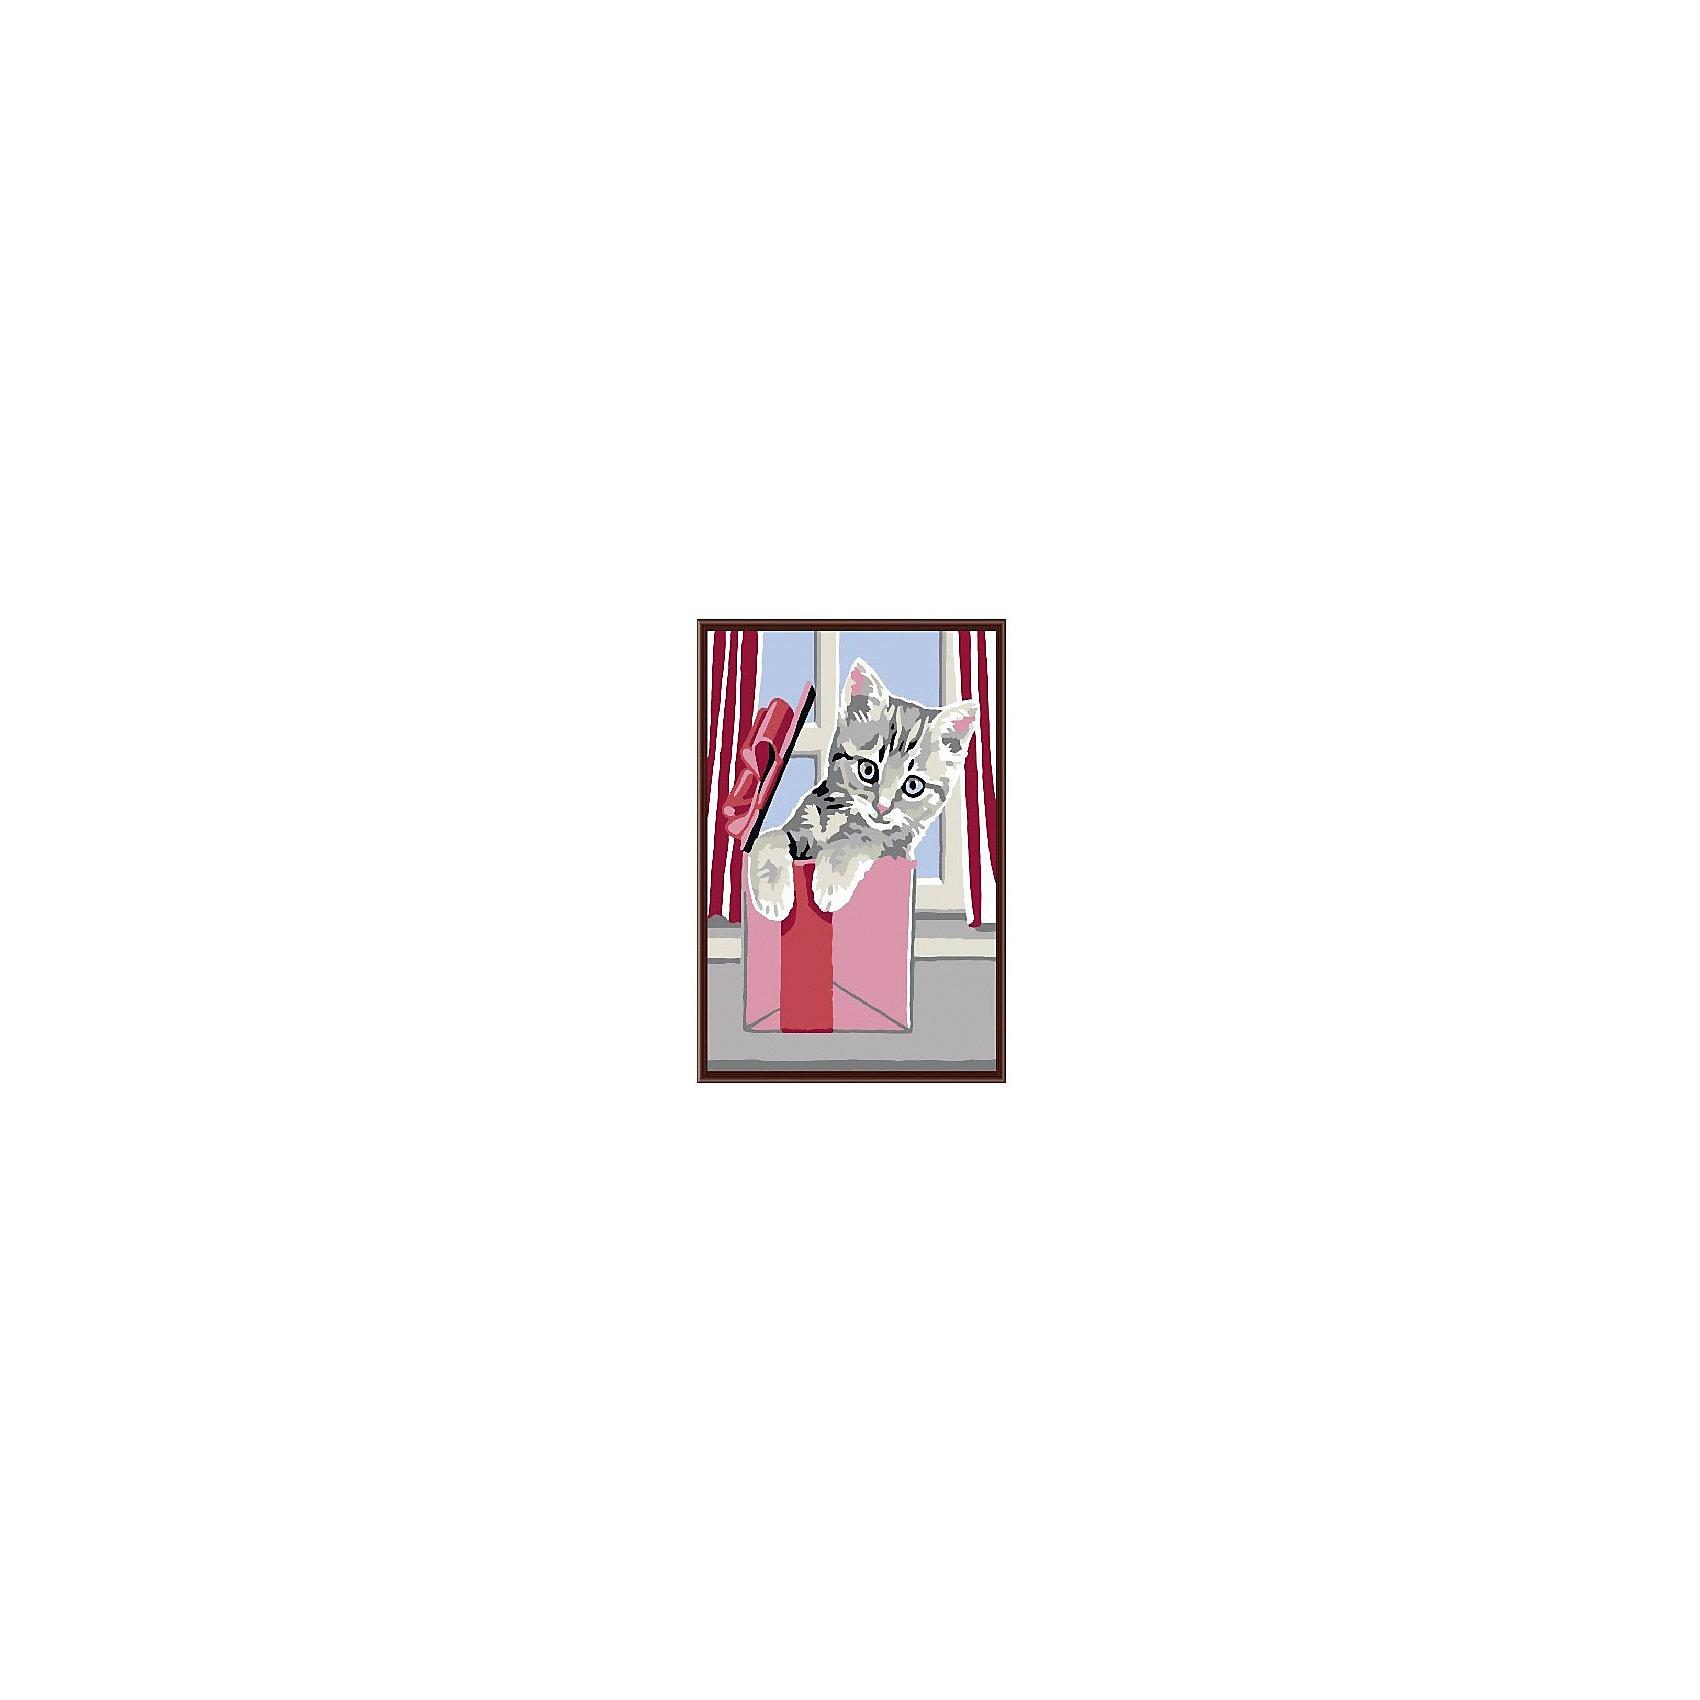 Набор юного художника Котенок, 20*30 смДетские картины с раскраской по номерам размером 20*30. На деревянном подрамнике, с прогрунтованным холстом и  нанесенными контурами картины, с указанием цвета закраски, акриловыми красками, 3 кисточками и креплением на стену. Уровень сложности, количество красок указаны на коробке.<br><br>Ширина мм: 300<br>Глубина мм: 200<br>Высота мм: 30<br>Вес г: 330<br>Возраст от месяцев: 60<br>Возраст до месяцев: 108<br>Пол: Унисекс<br>Возраст: Детский<br>SKU: 5417636